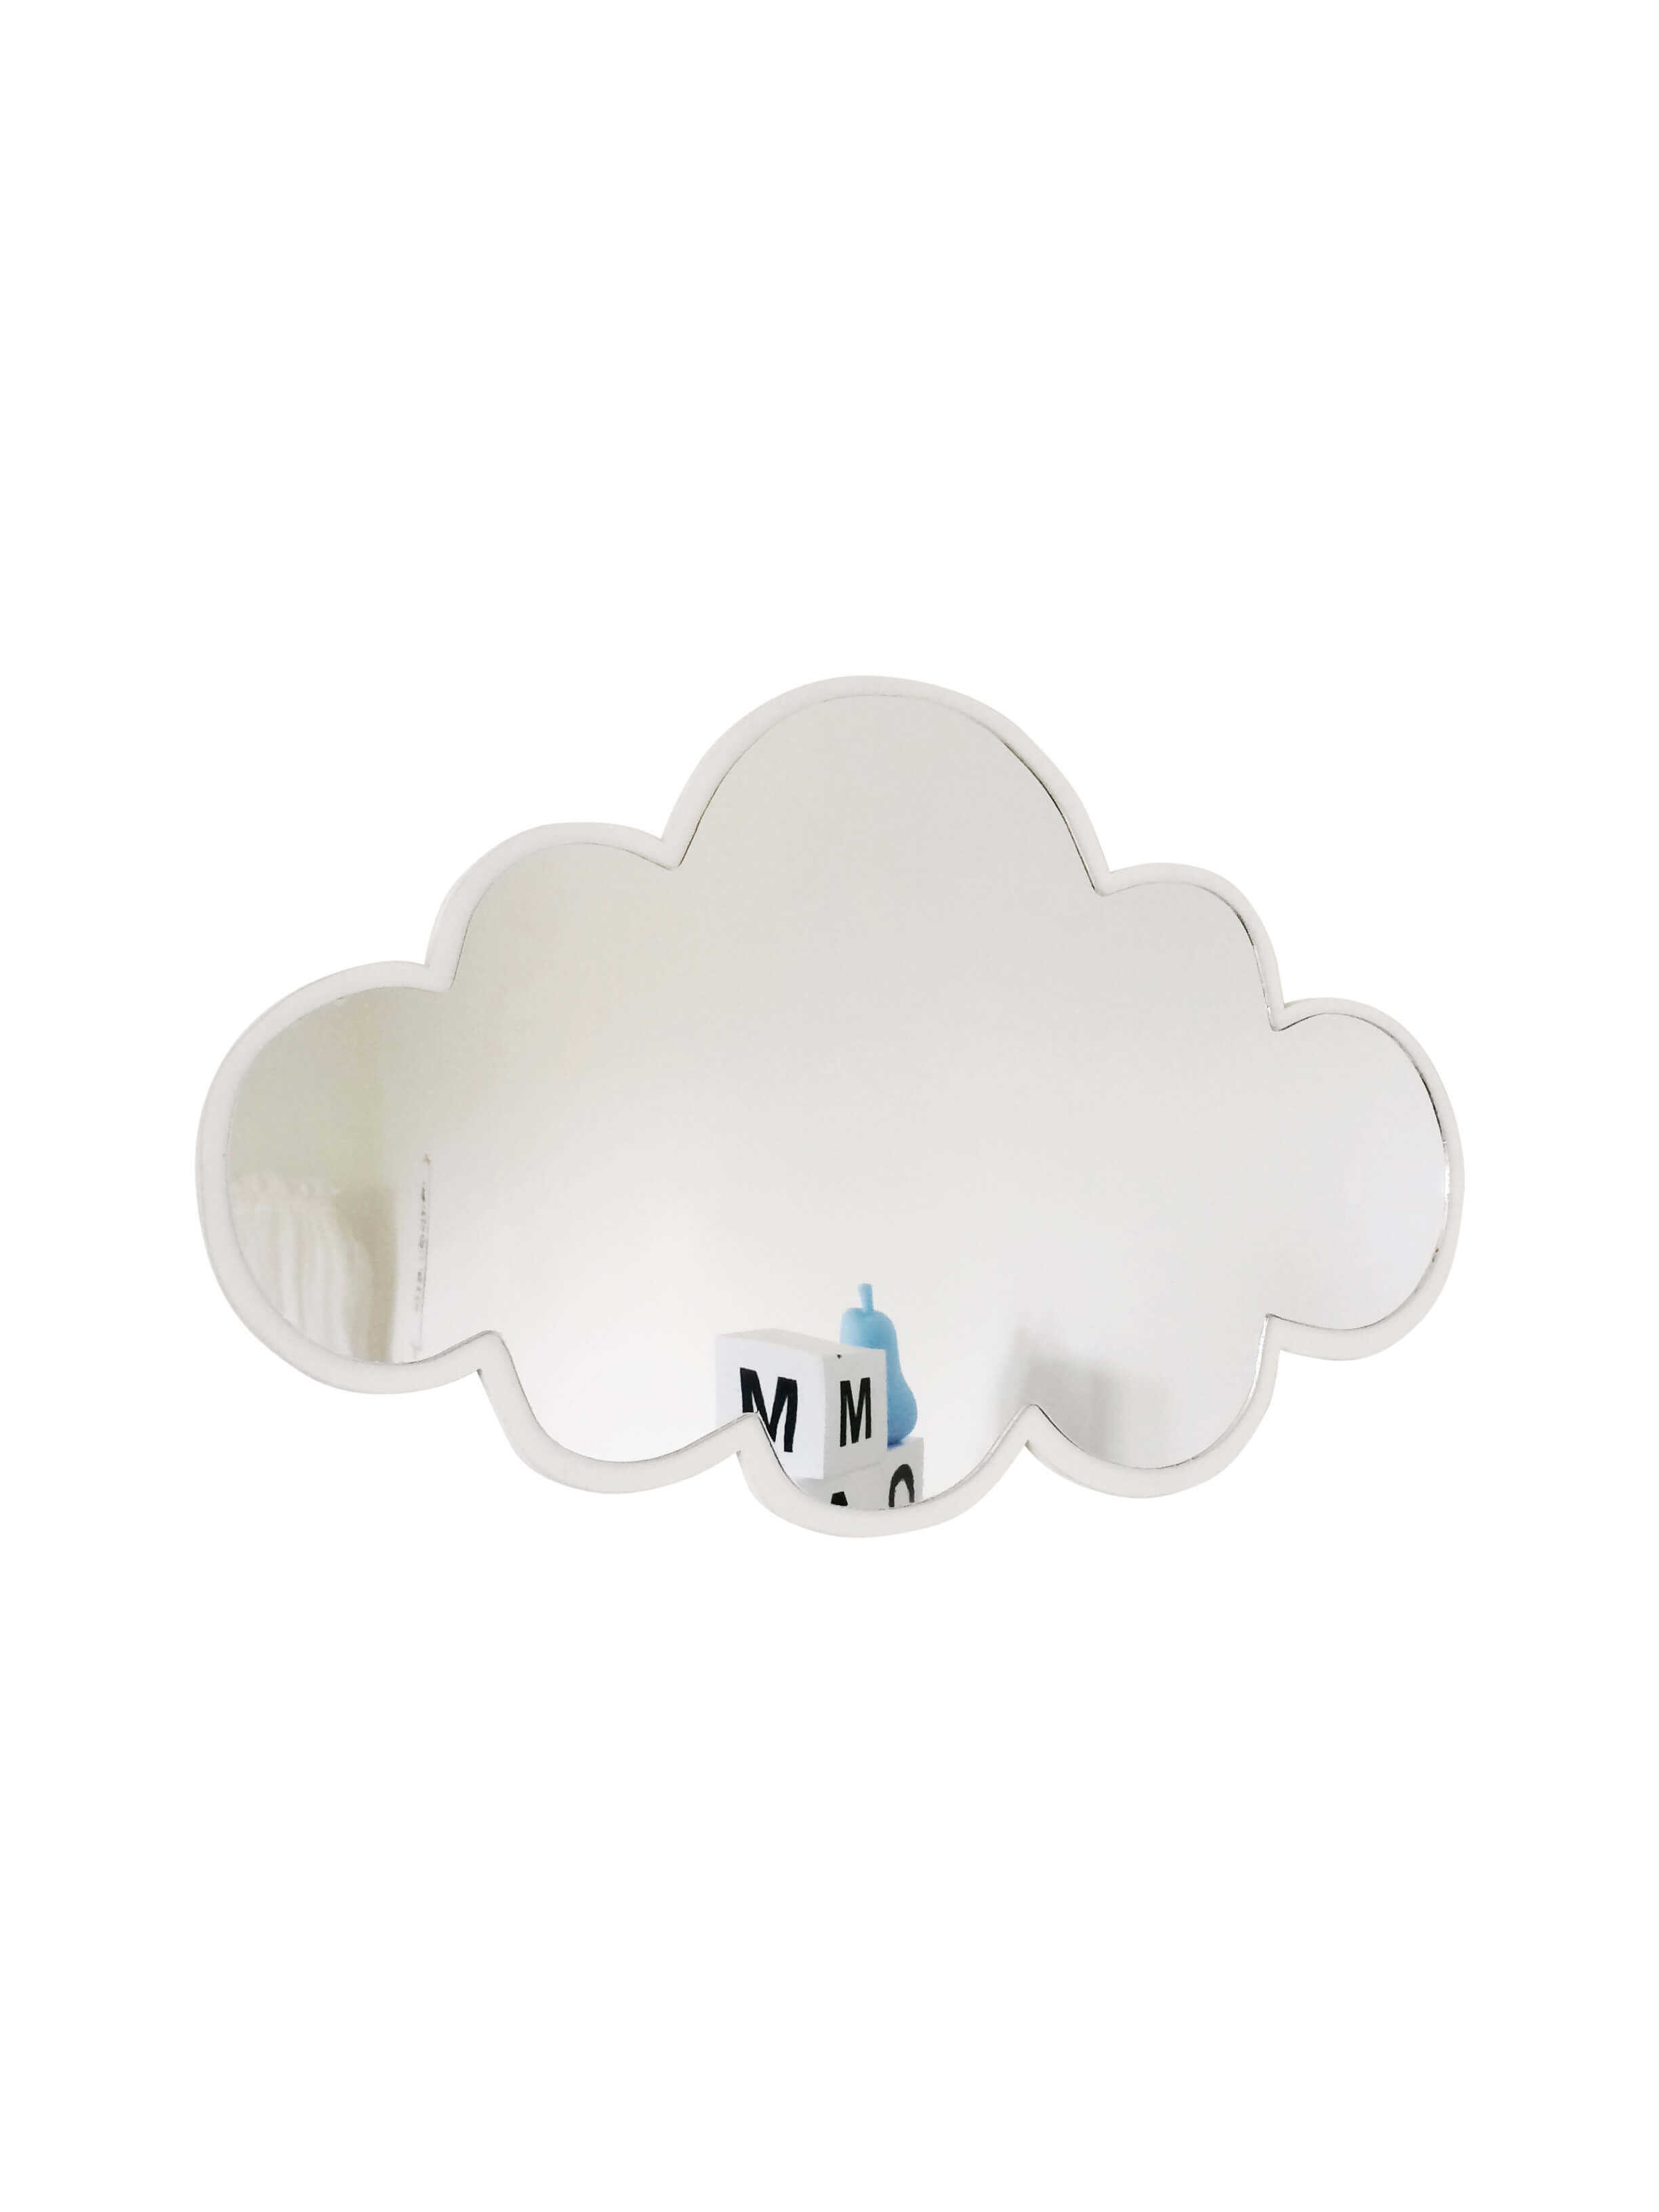 Maseliving Maseliving - sky spejl (hvid) fra pixizoo